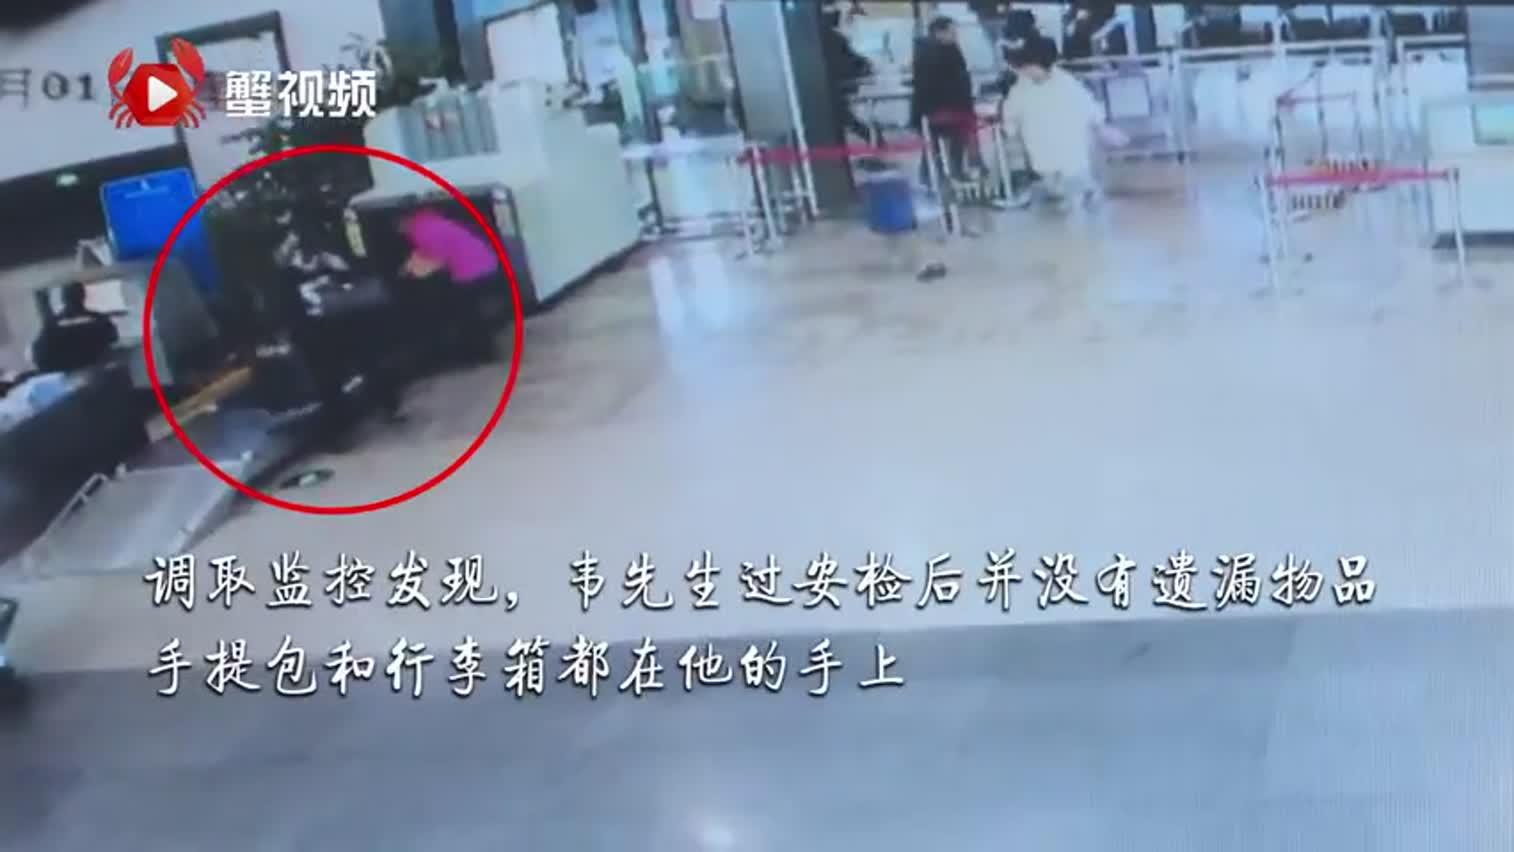 视频:旅客遗失价值千万红宝石 半小时后物归原主